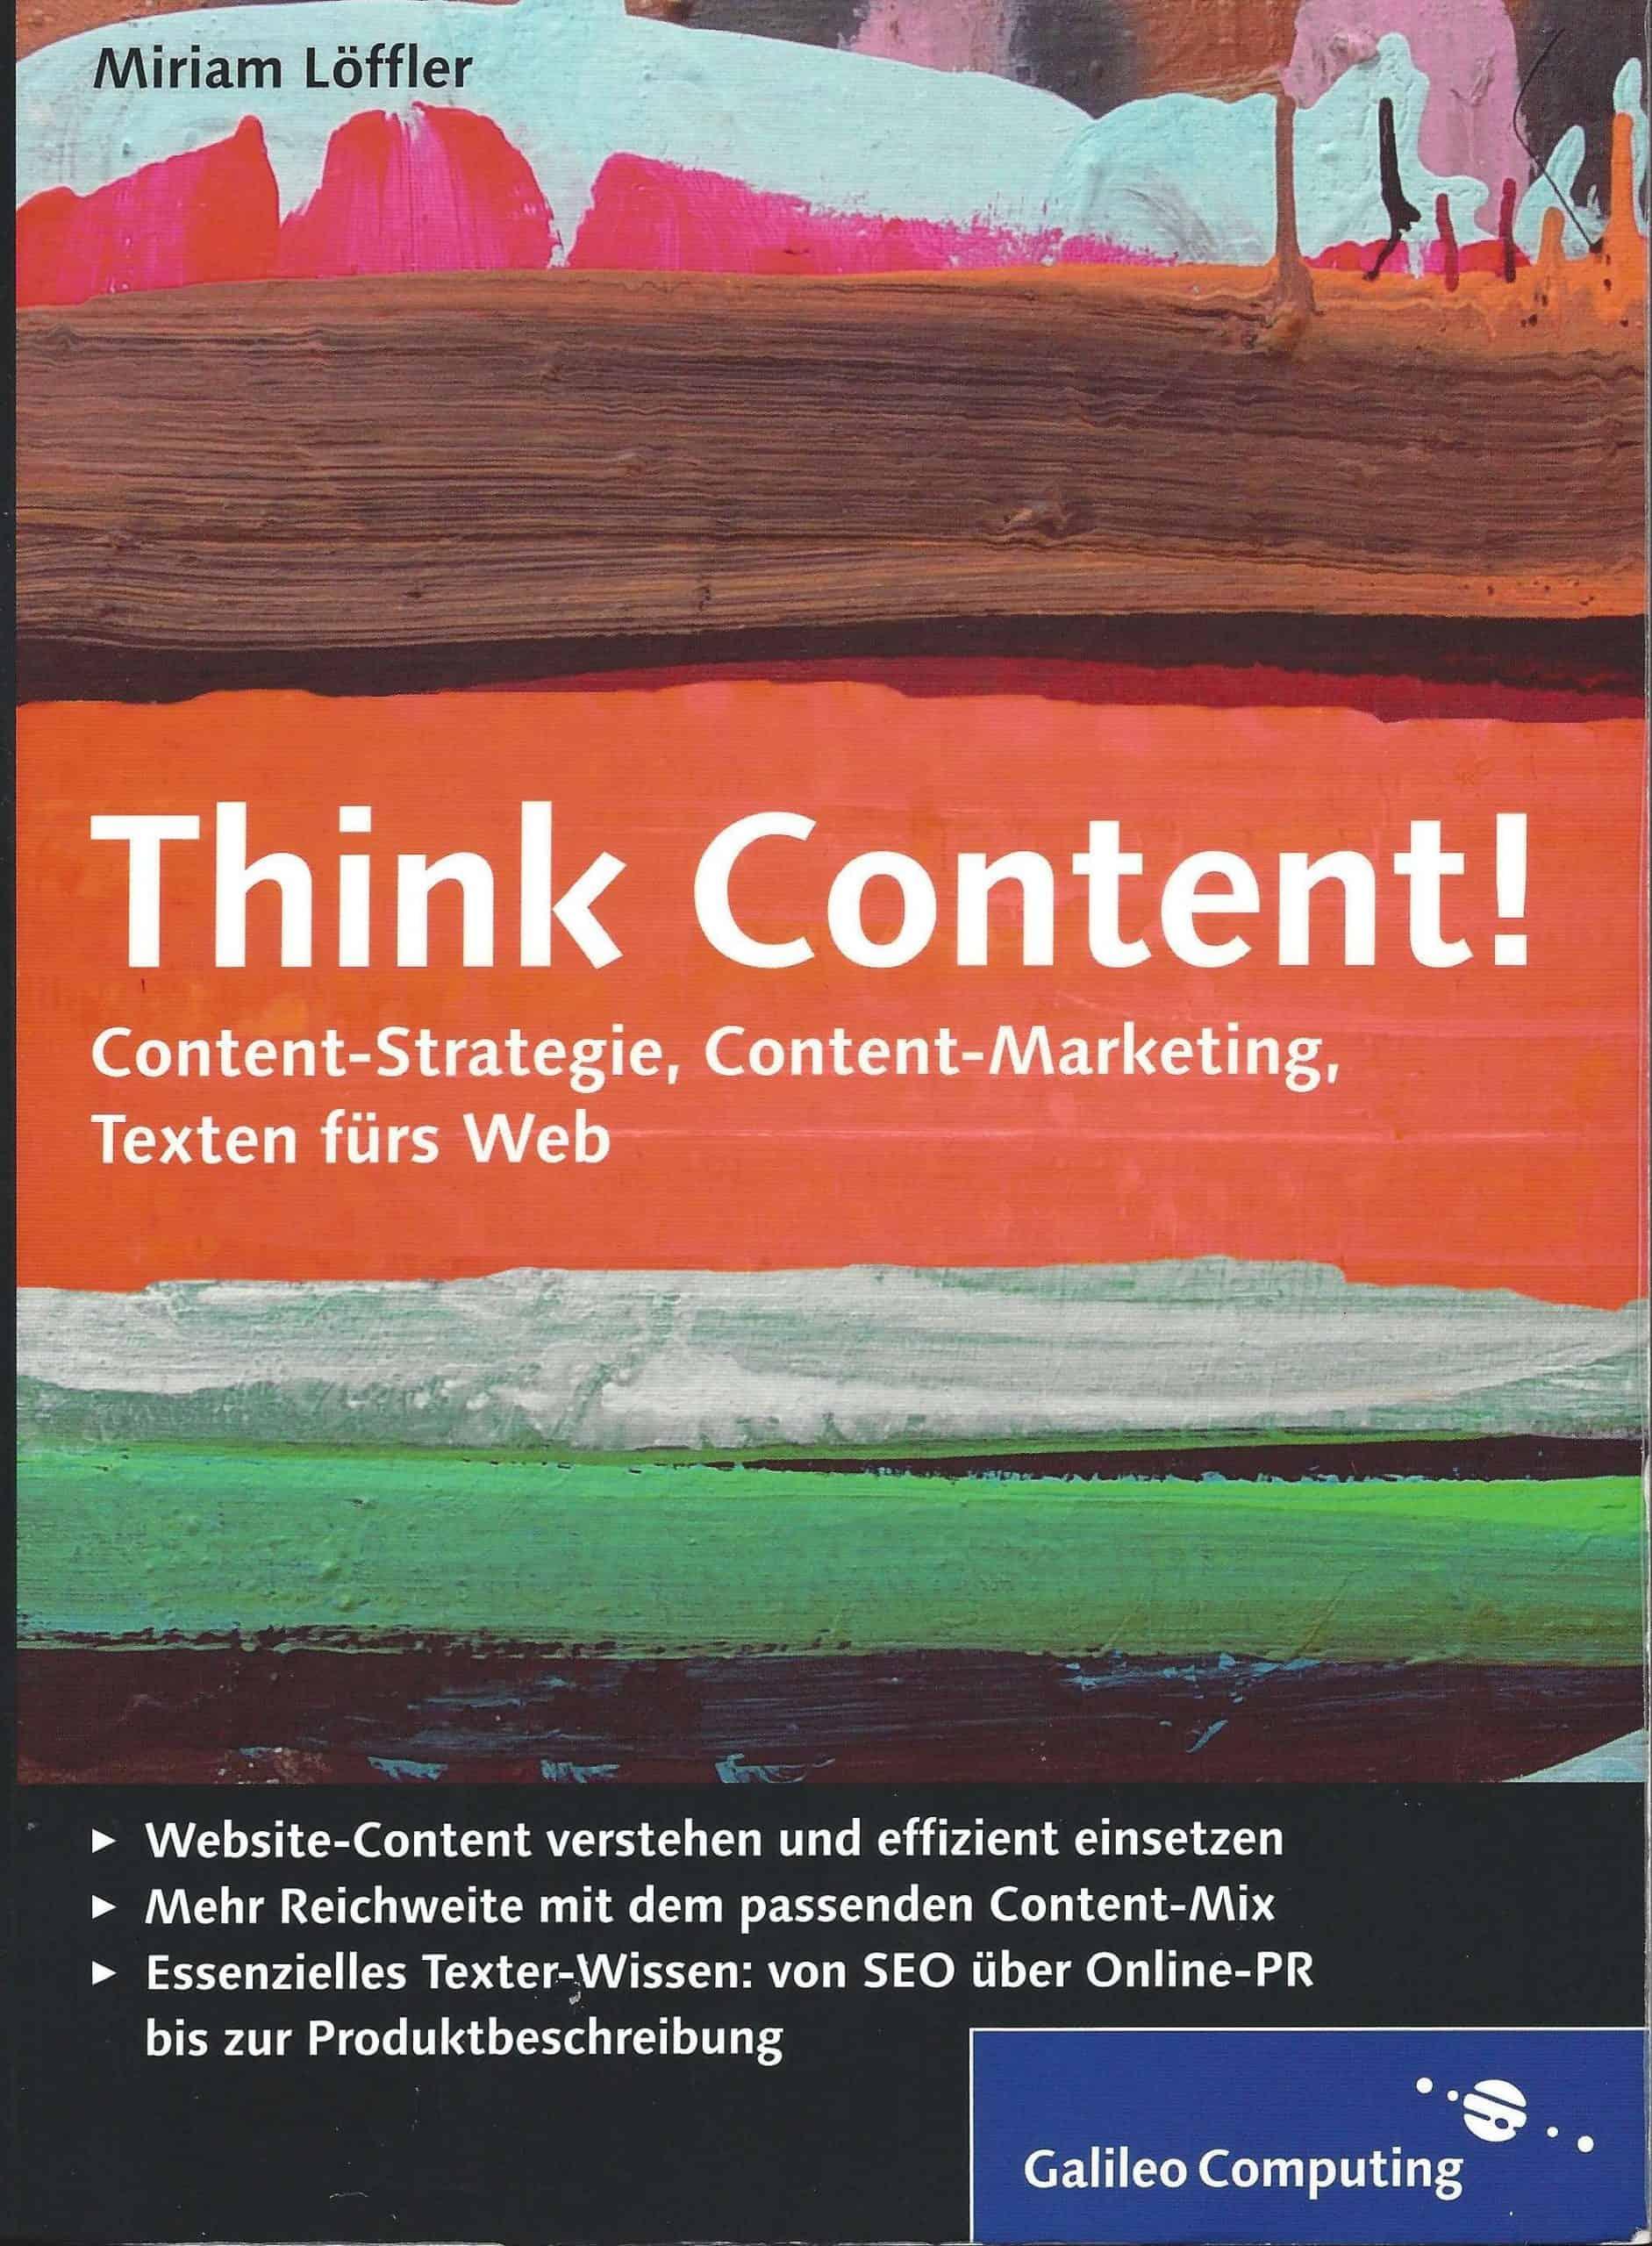 Rezension: Think Content! von Miriam Löffler